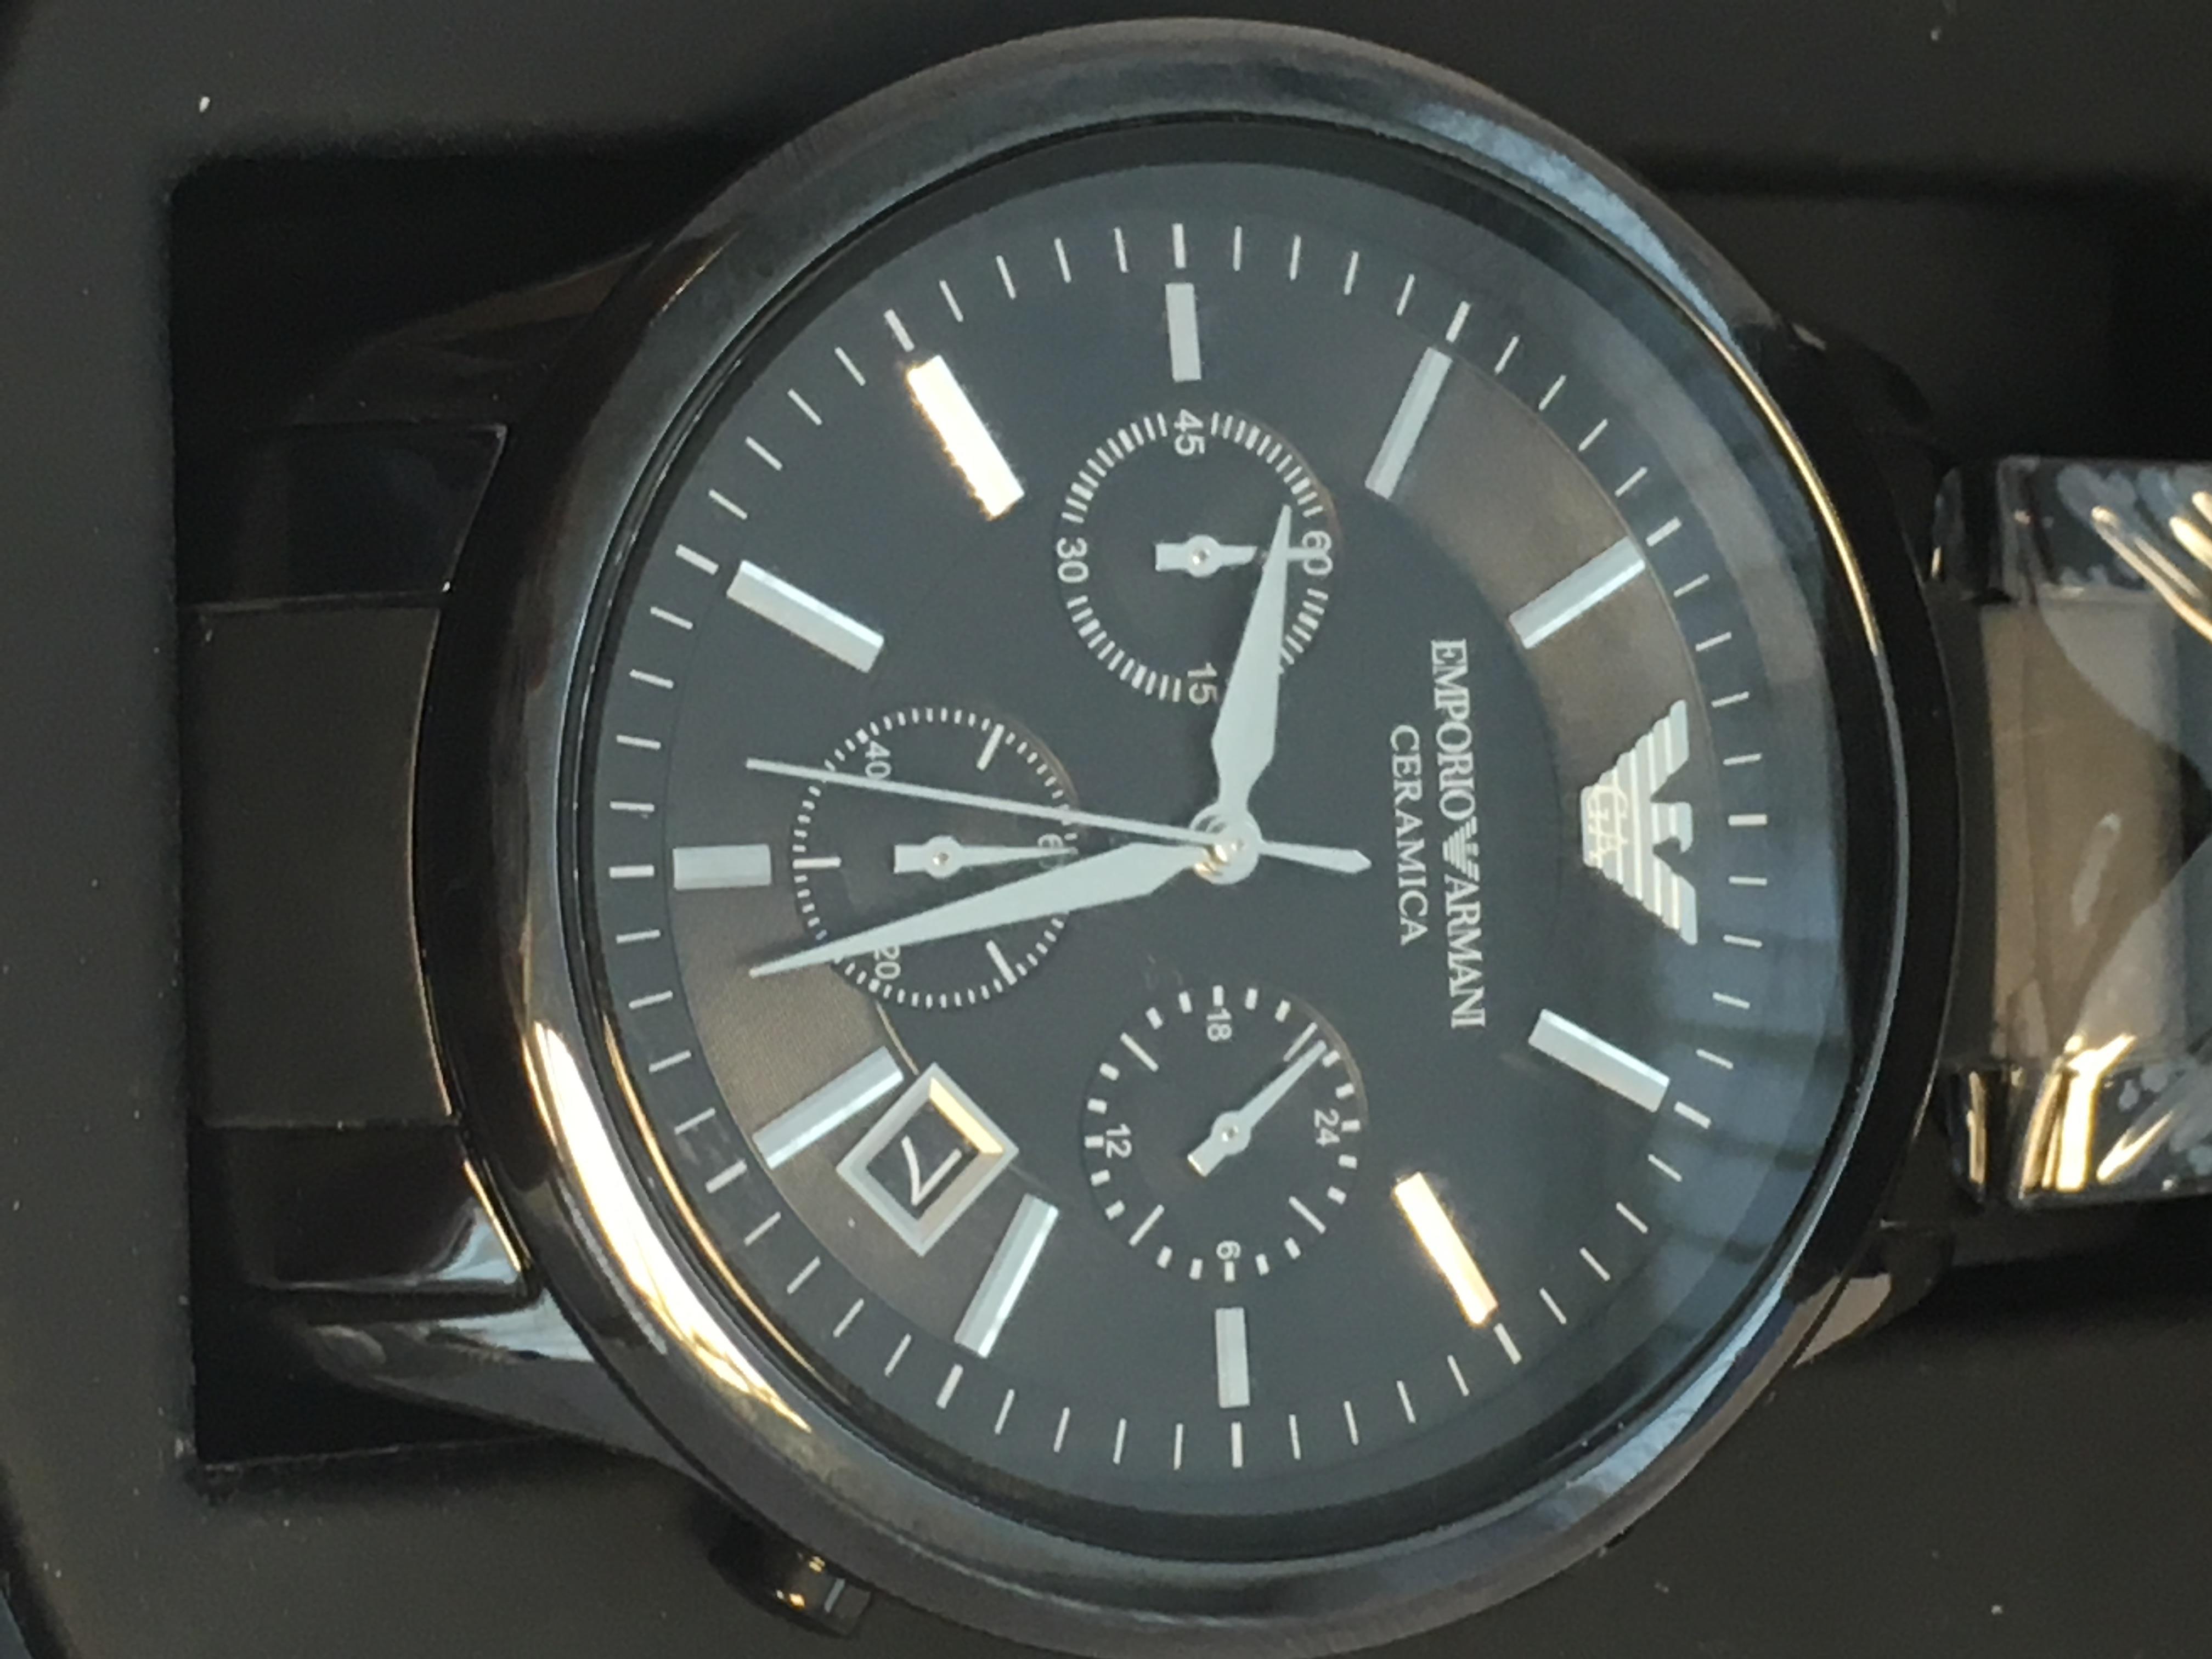 Lot 56 - Emporio Armani Model AR1452 Watch